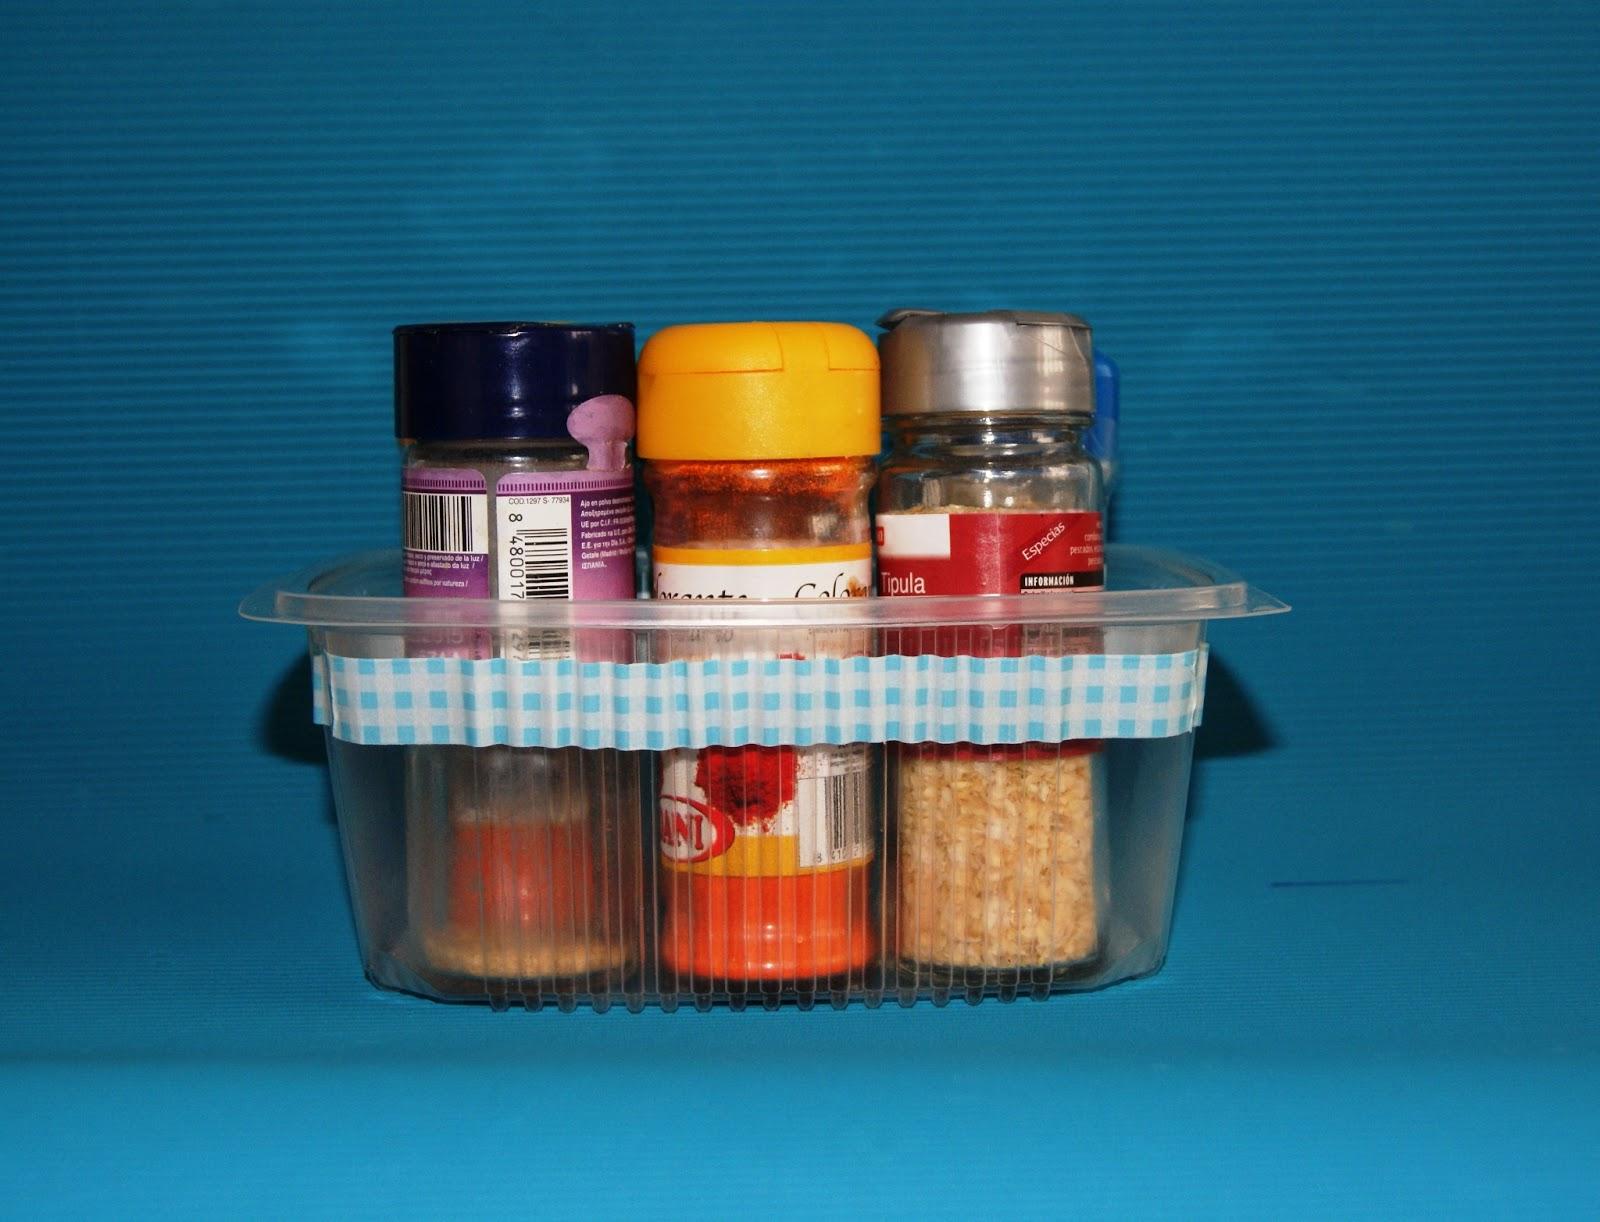 Ruca la casa de los complementos orden en la cocina for Recipientes cocina